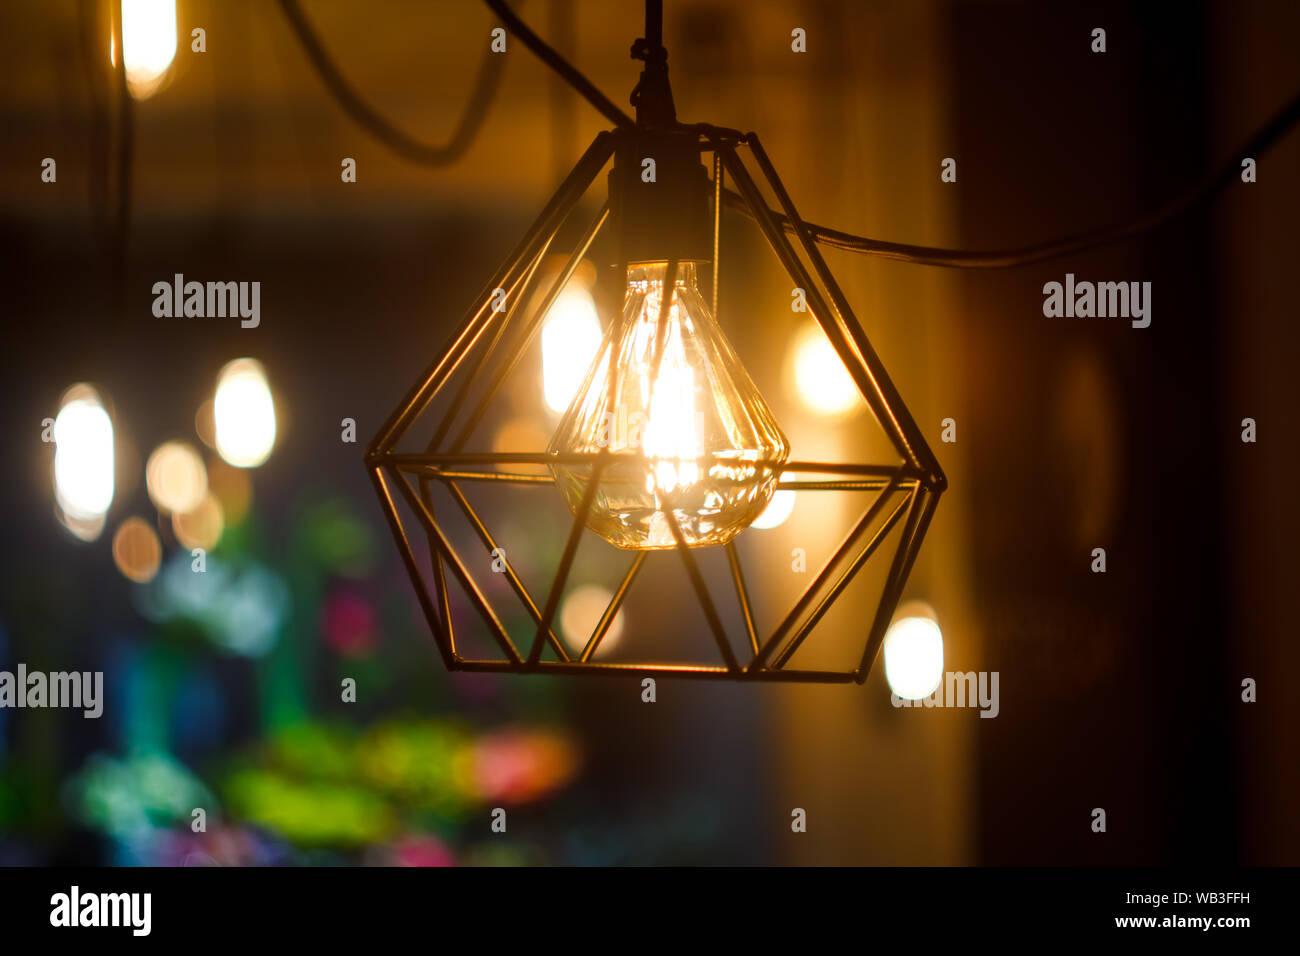 Close up vintage retro sphérique suspendu lumineux ampoule à incandescence d'Edison en metal abat-jour contre l'arrière-plan de floue d'autres feux, sélective focu Banque D'Images